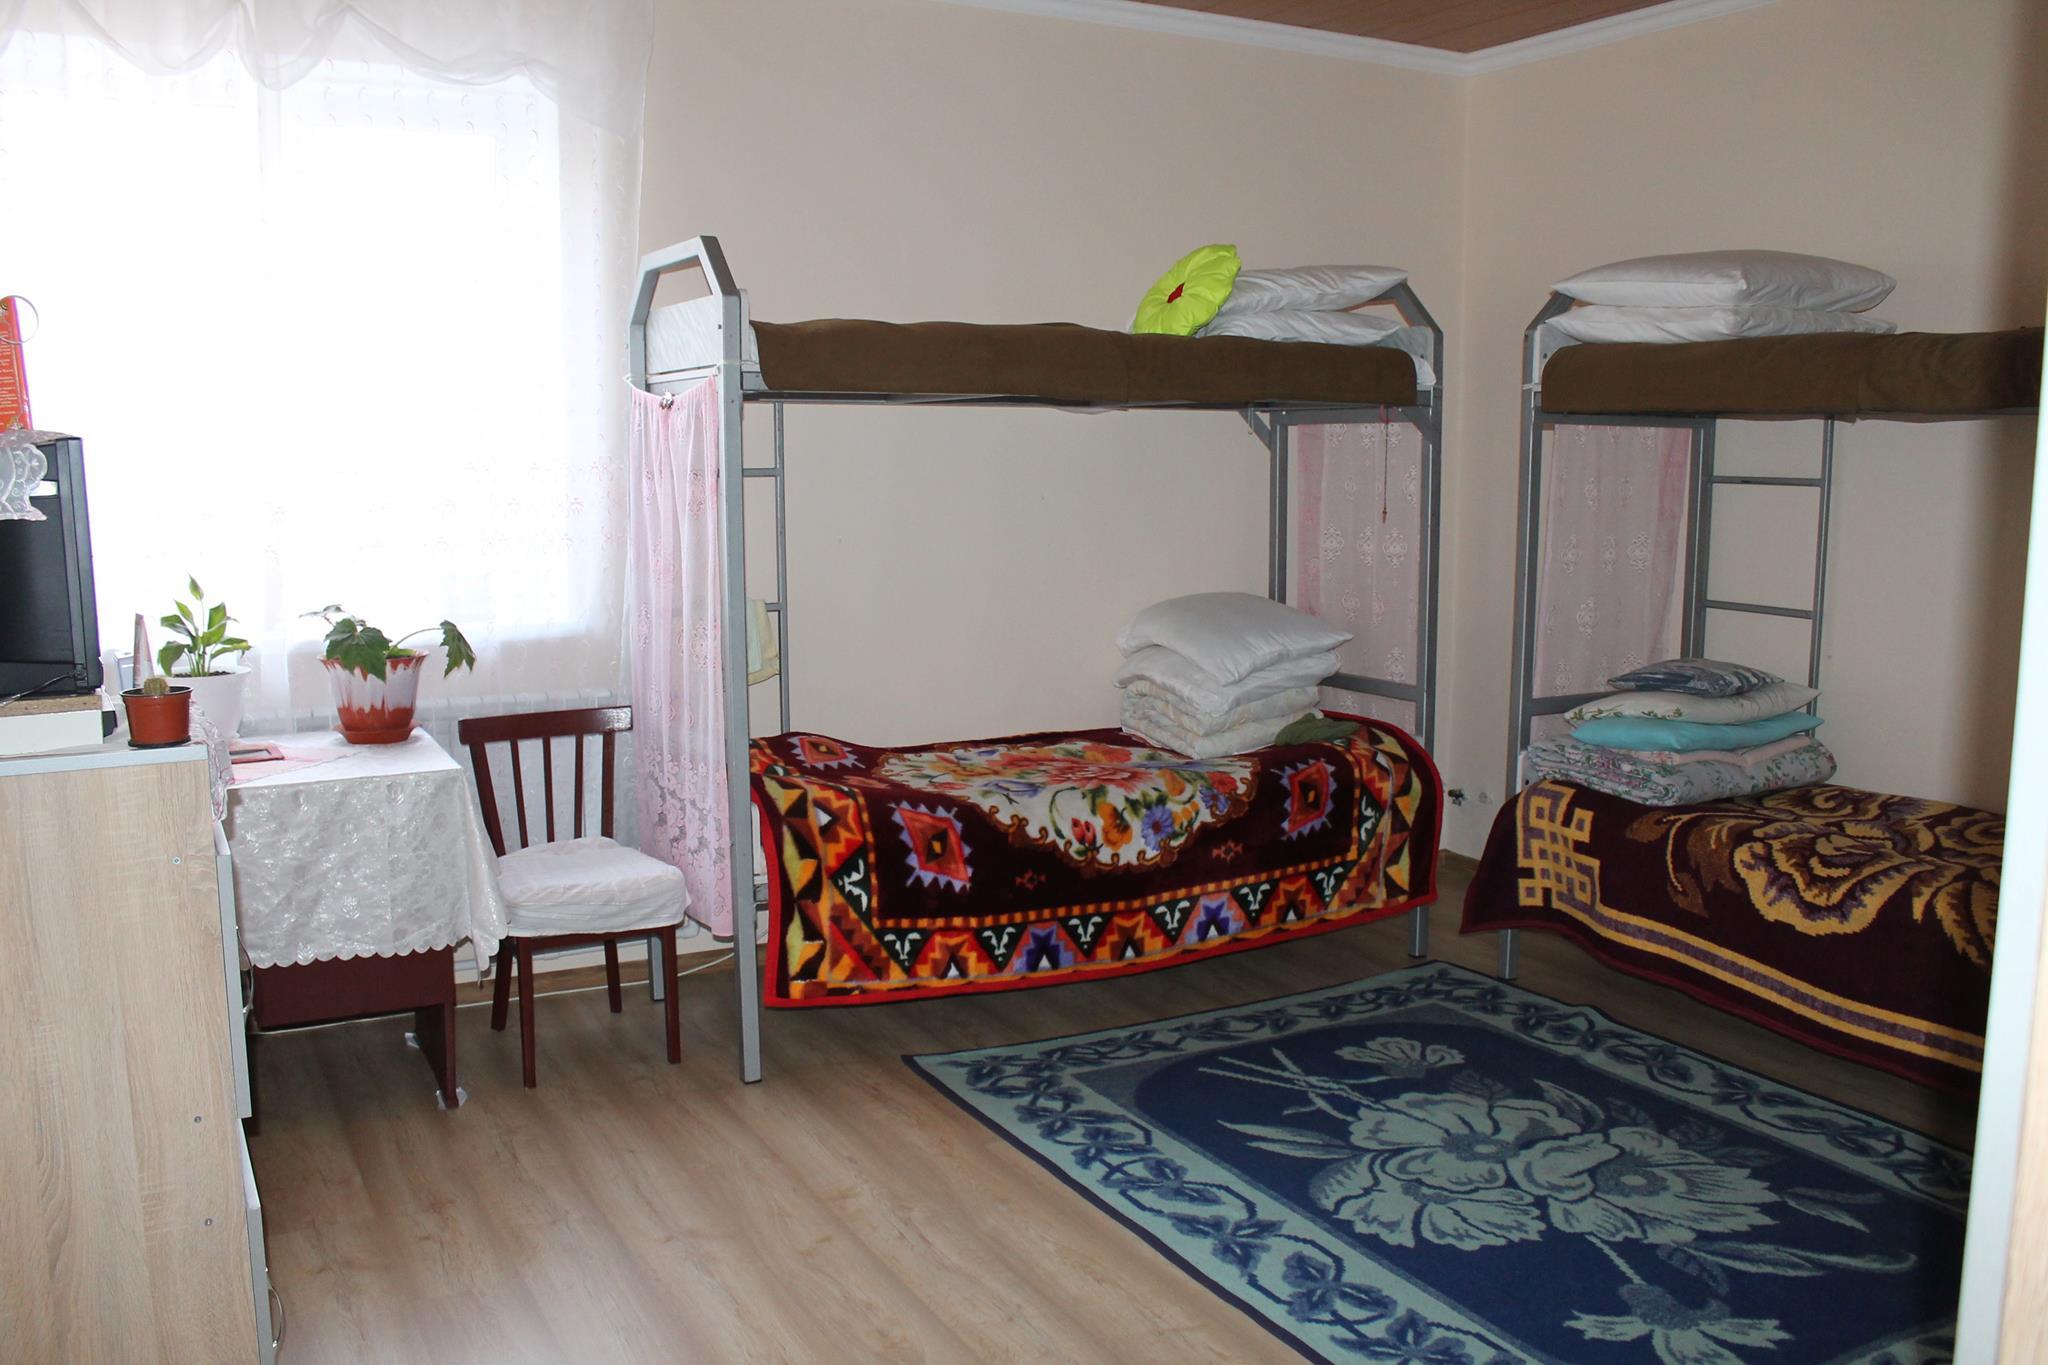 Capacitatea edificiului modernizat de la Rusca este de până la 20 de persoane. Foto: Lilia Zaharia